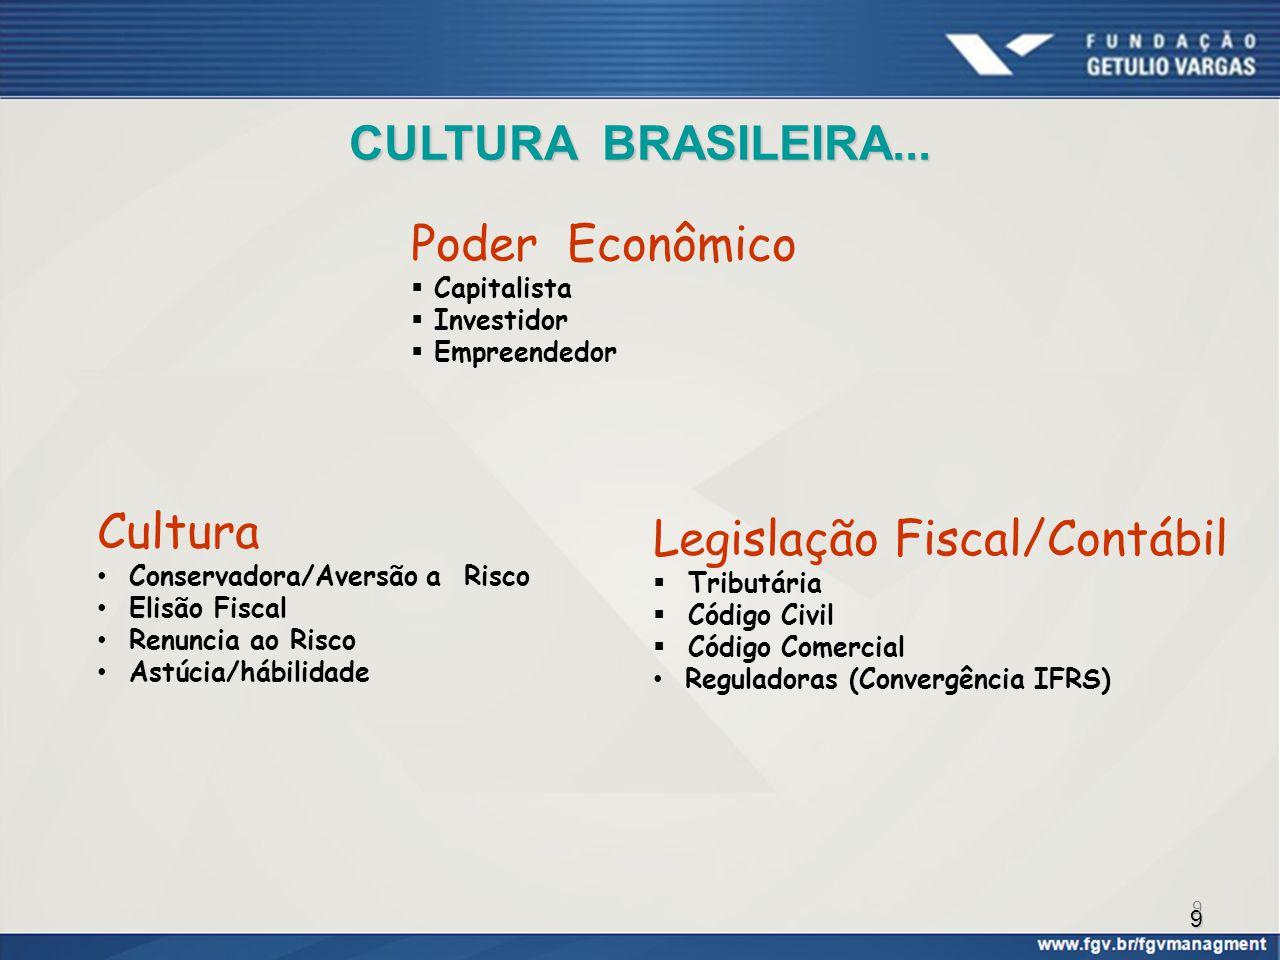 9 CULTURA BRASILEIRA... Cultura Conservadora/Aversão a Risco Elisão Fiscal Renuncia ao Risco Astúcia/hábilidade Legislação Fiscal/Contábil  Tributári